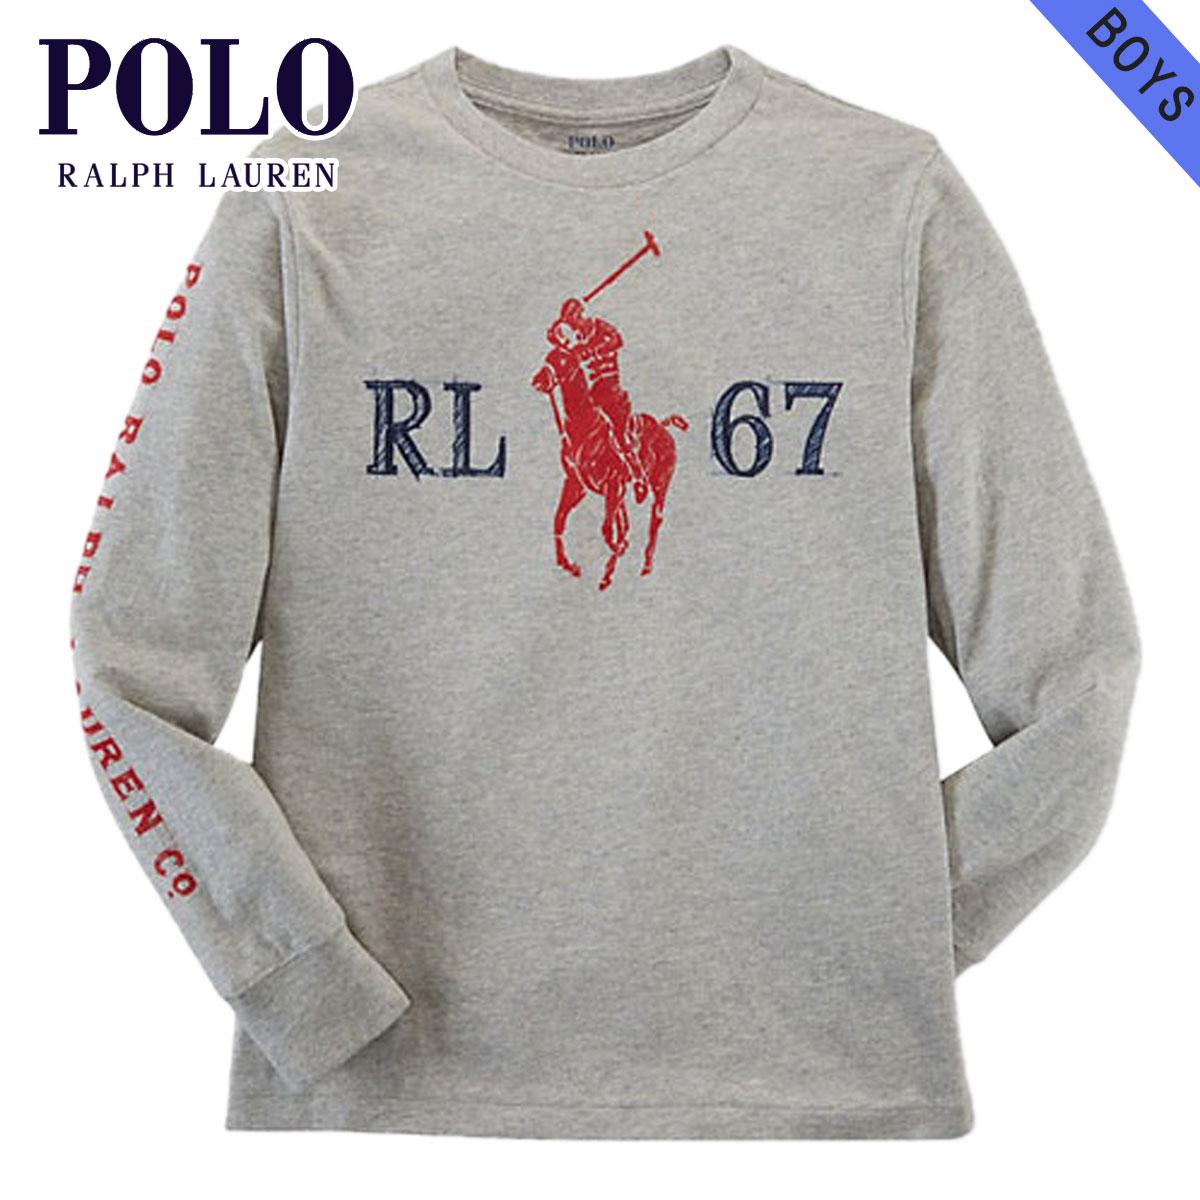 d722166cbdb0 Rakuten Ichiba shop MIXON: Polo Ralph Lauren kids POLO RALPH LAUREN CHILDREN  regular article children's clothes Boys long sleeves T-shirt COTTON GRAPHIC  TEE ...